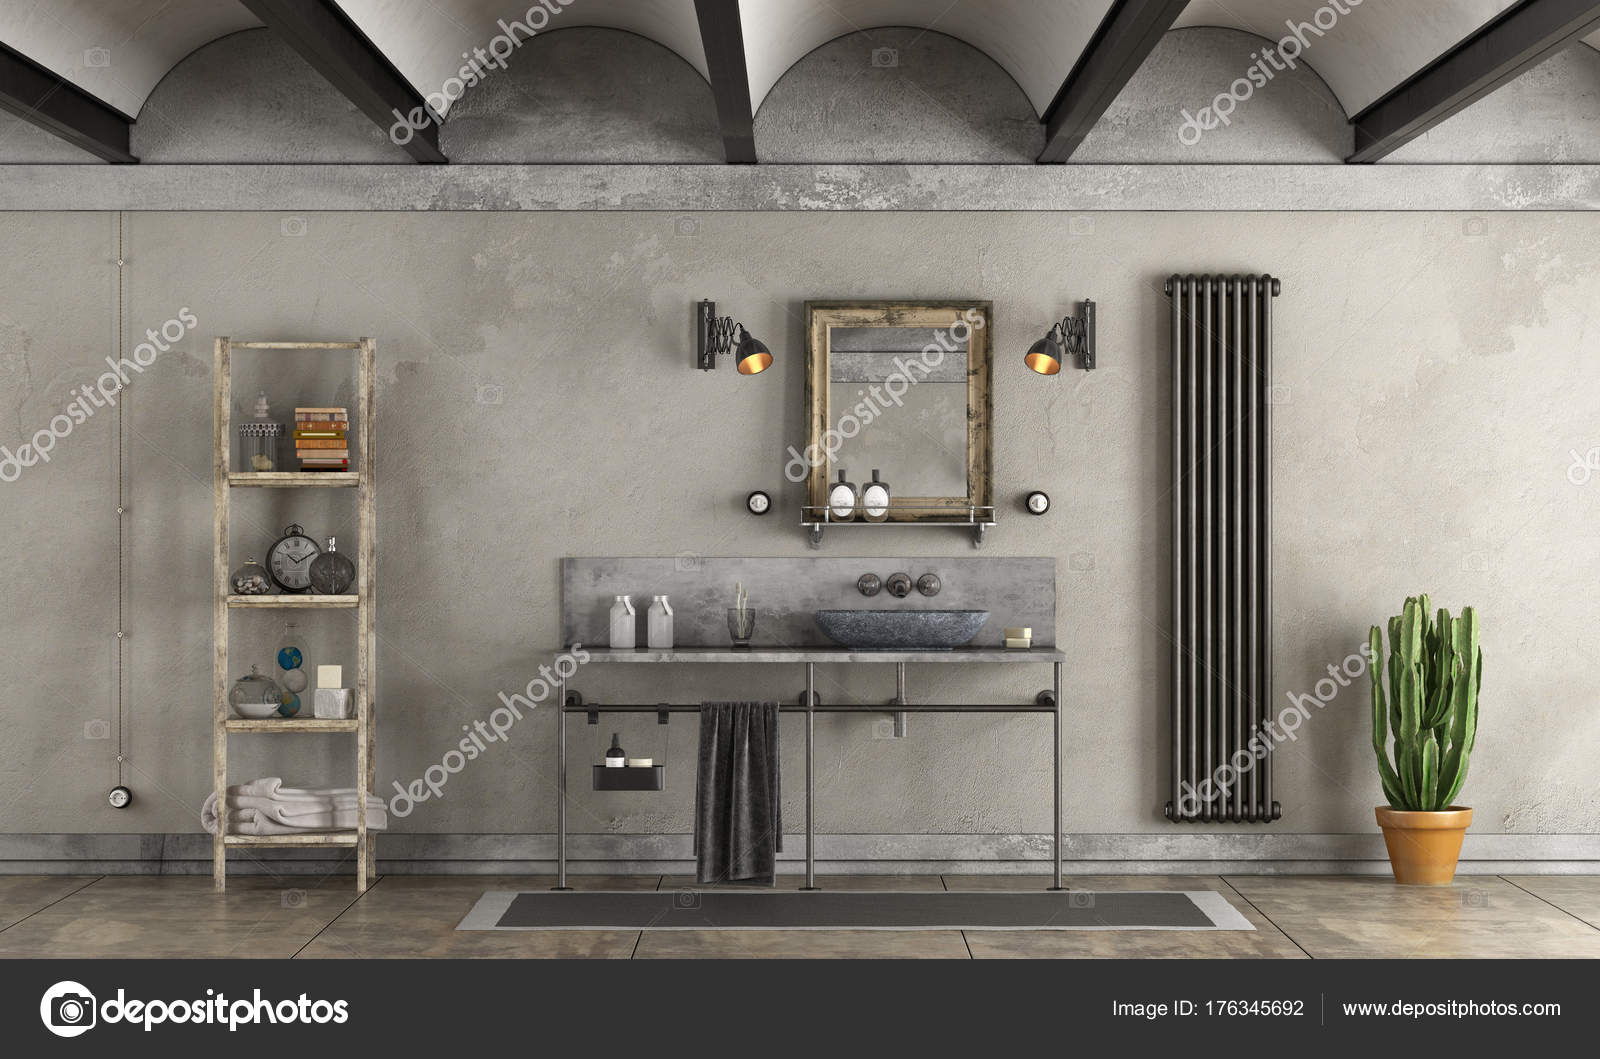 Lazienka W Stylu Industrialnym Zdjecie Stockowe C Archideaphoto